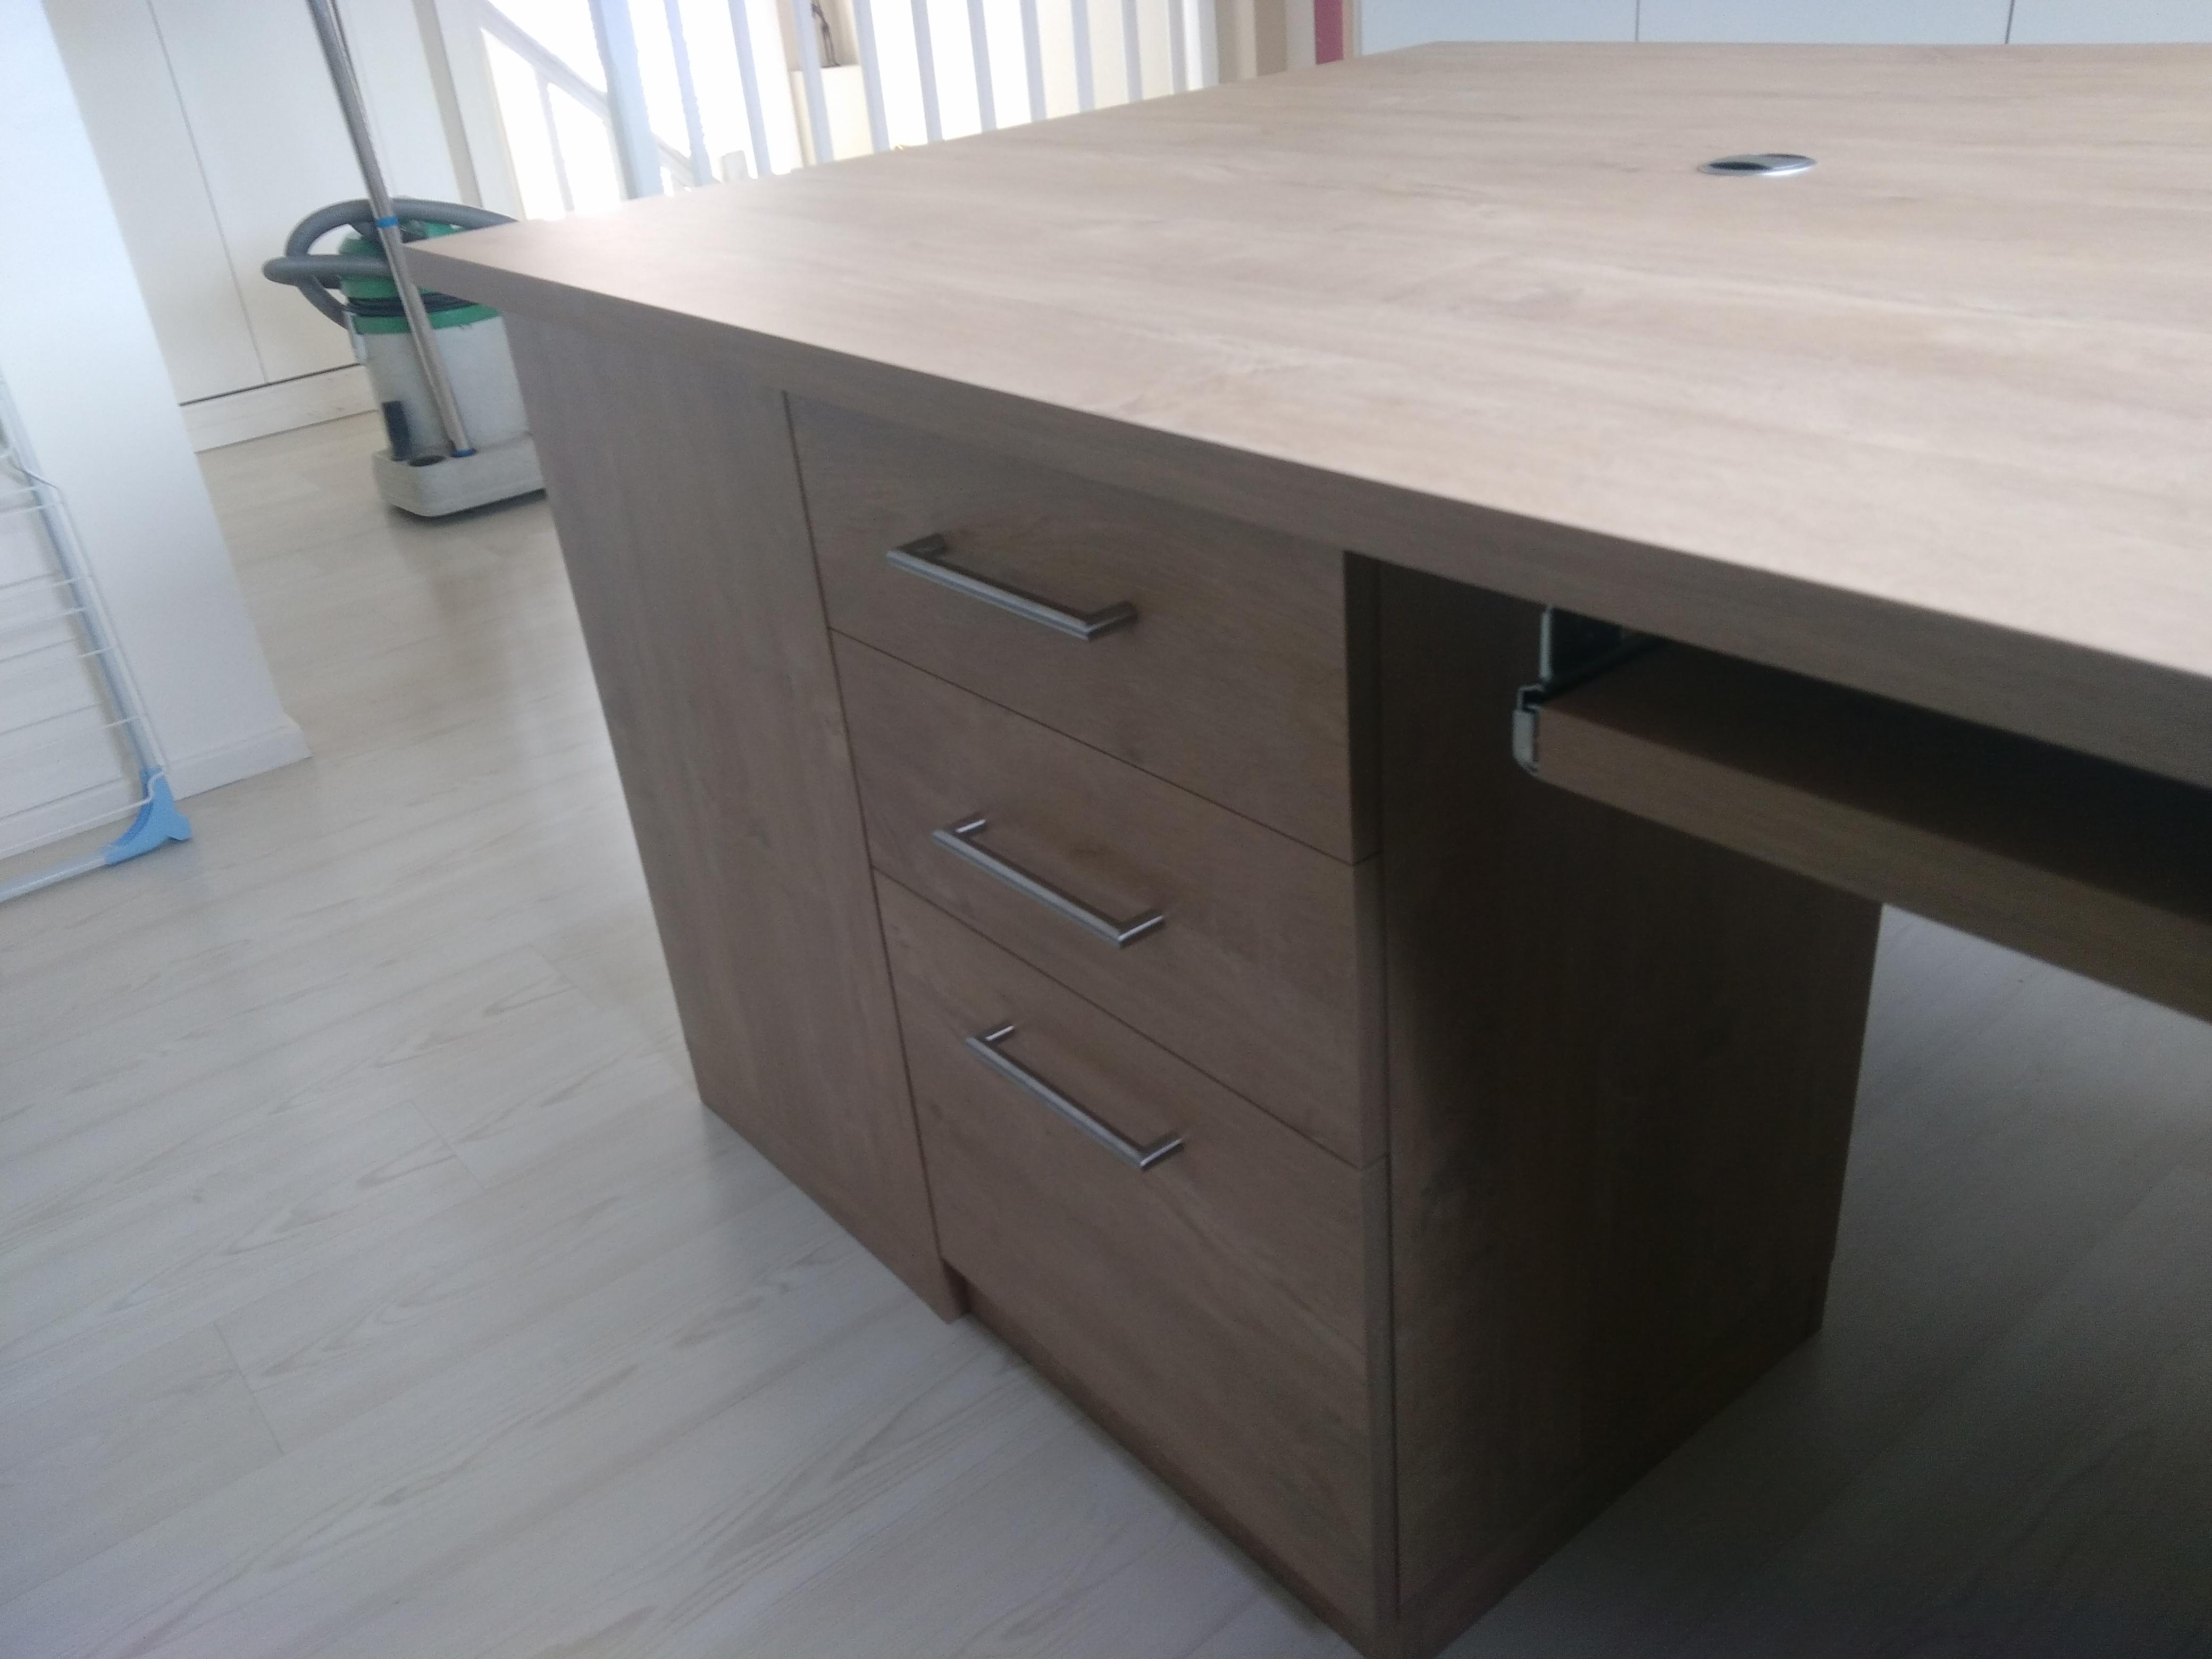 bureau sur mesure j ai un bureau sur mesure bien tudi cr ez votre espace de travail avec les. Black Bedroom Furniture Sets. Home Design Ideas